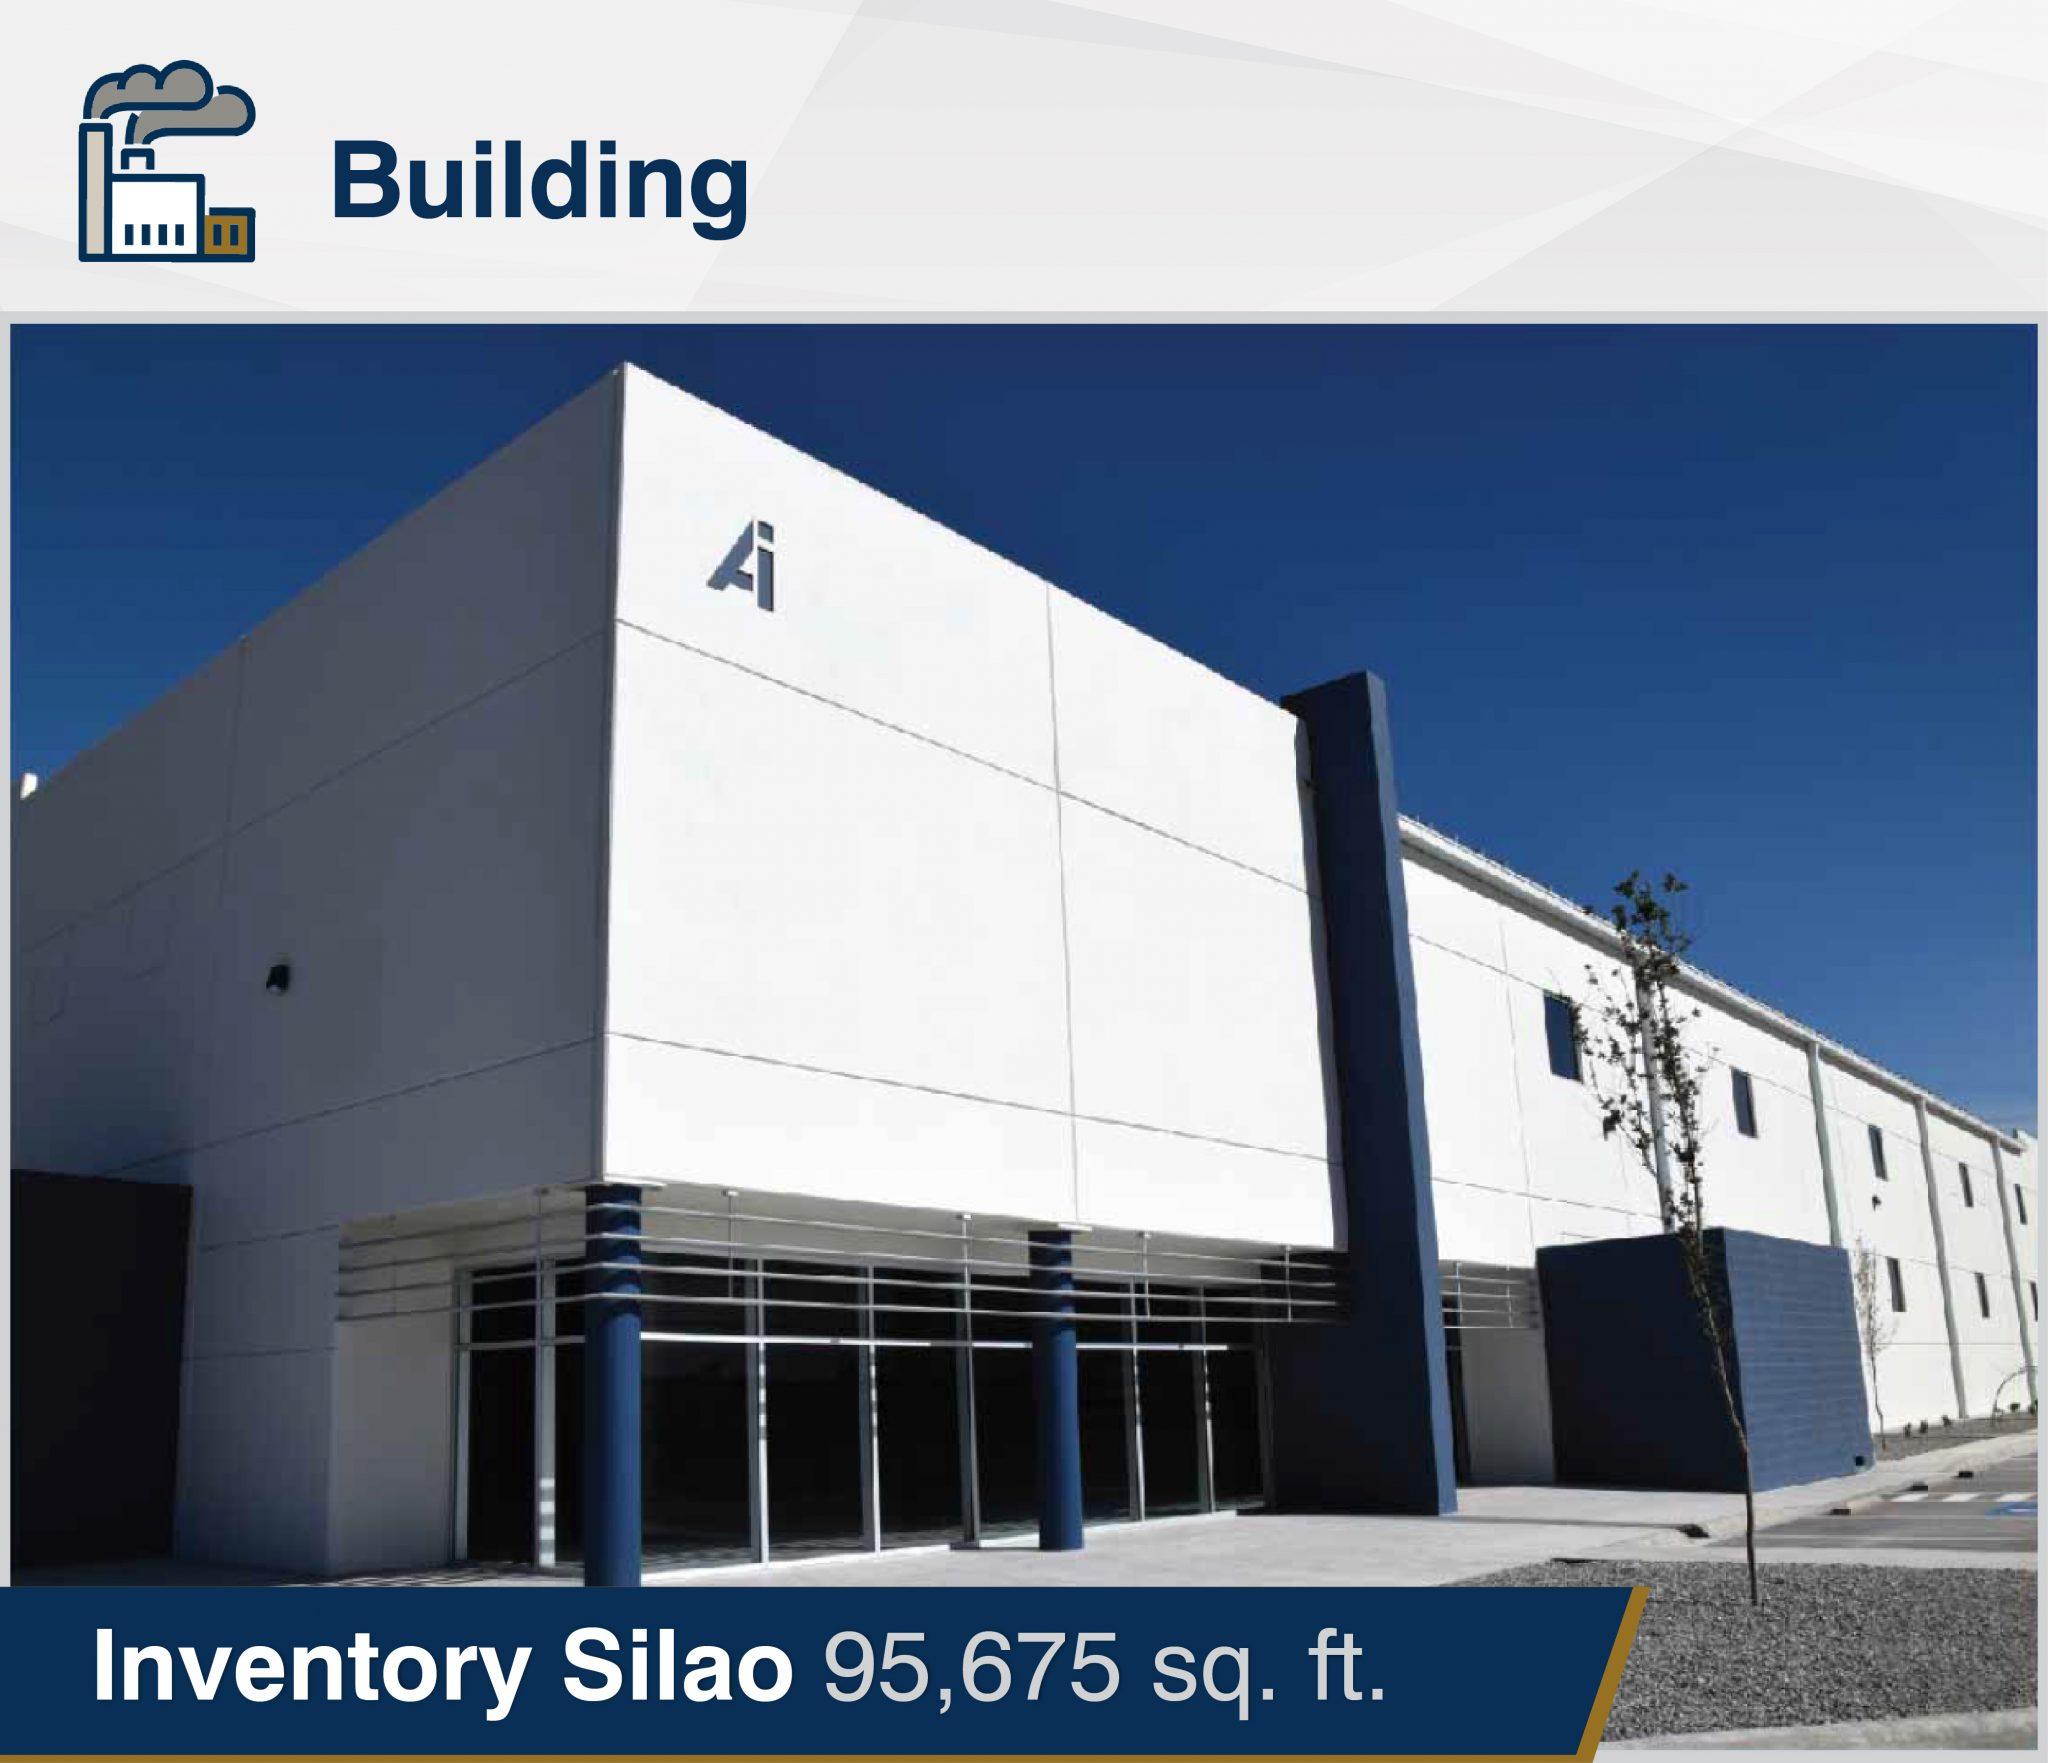 Brochure RE - Gto - Inventory Silao_Cover-01